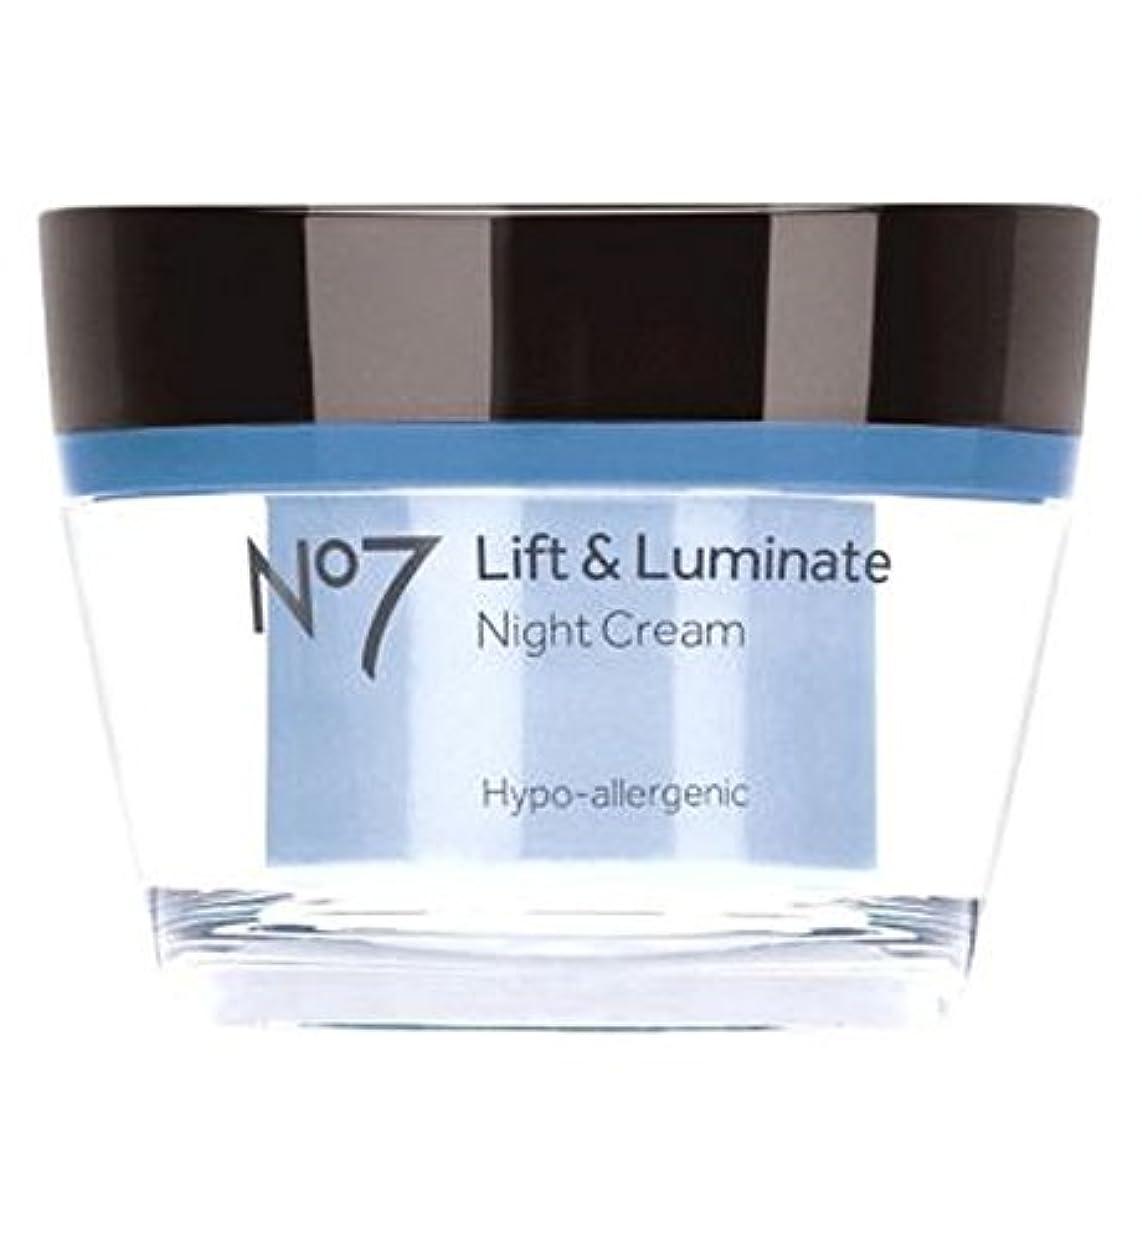 一瞬ずらす大気No7リフト&Luminateナイトクリーム (No7) (x2) - No7 Lift & Luminate Night Cream (Pack of 2) [並行輸入品]